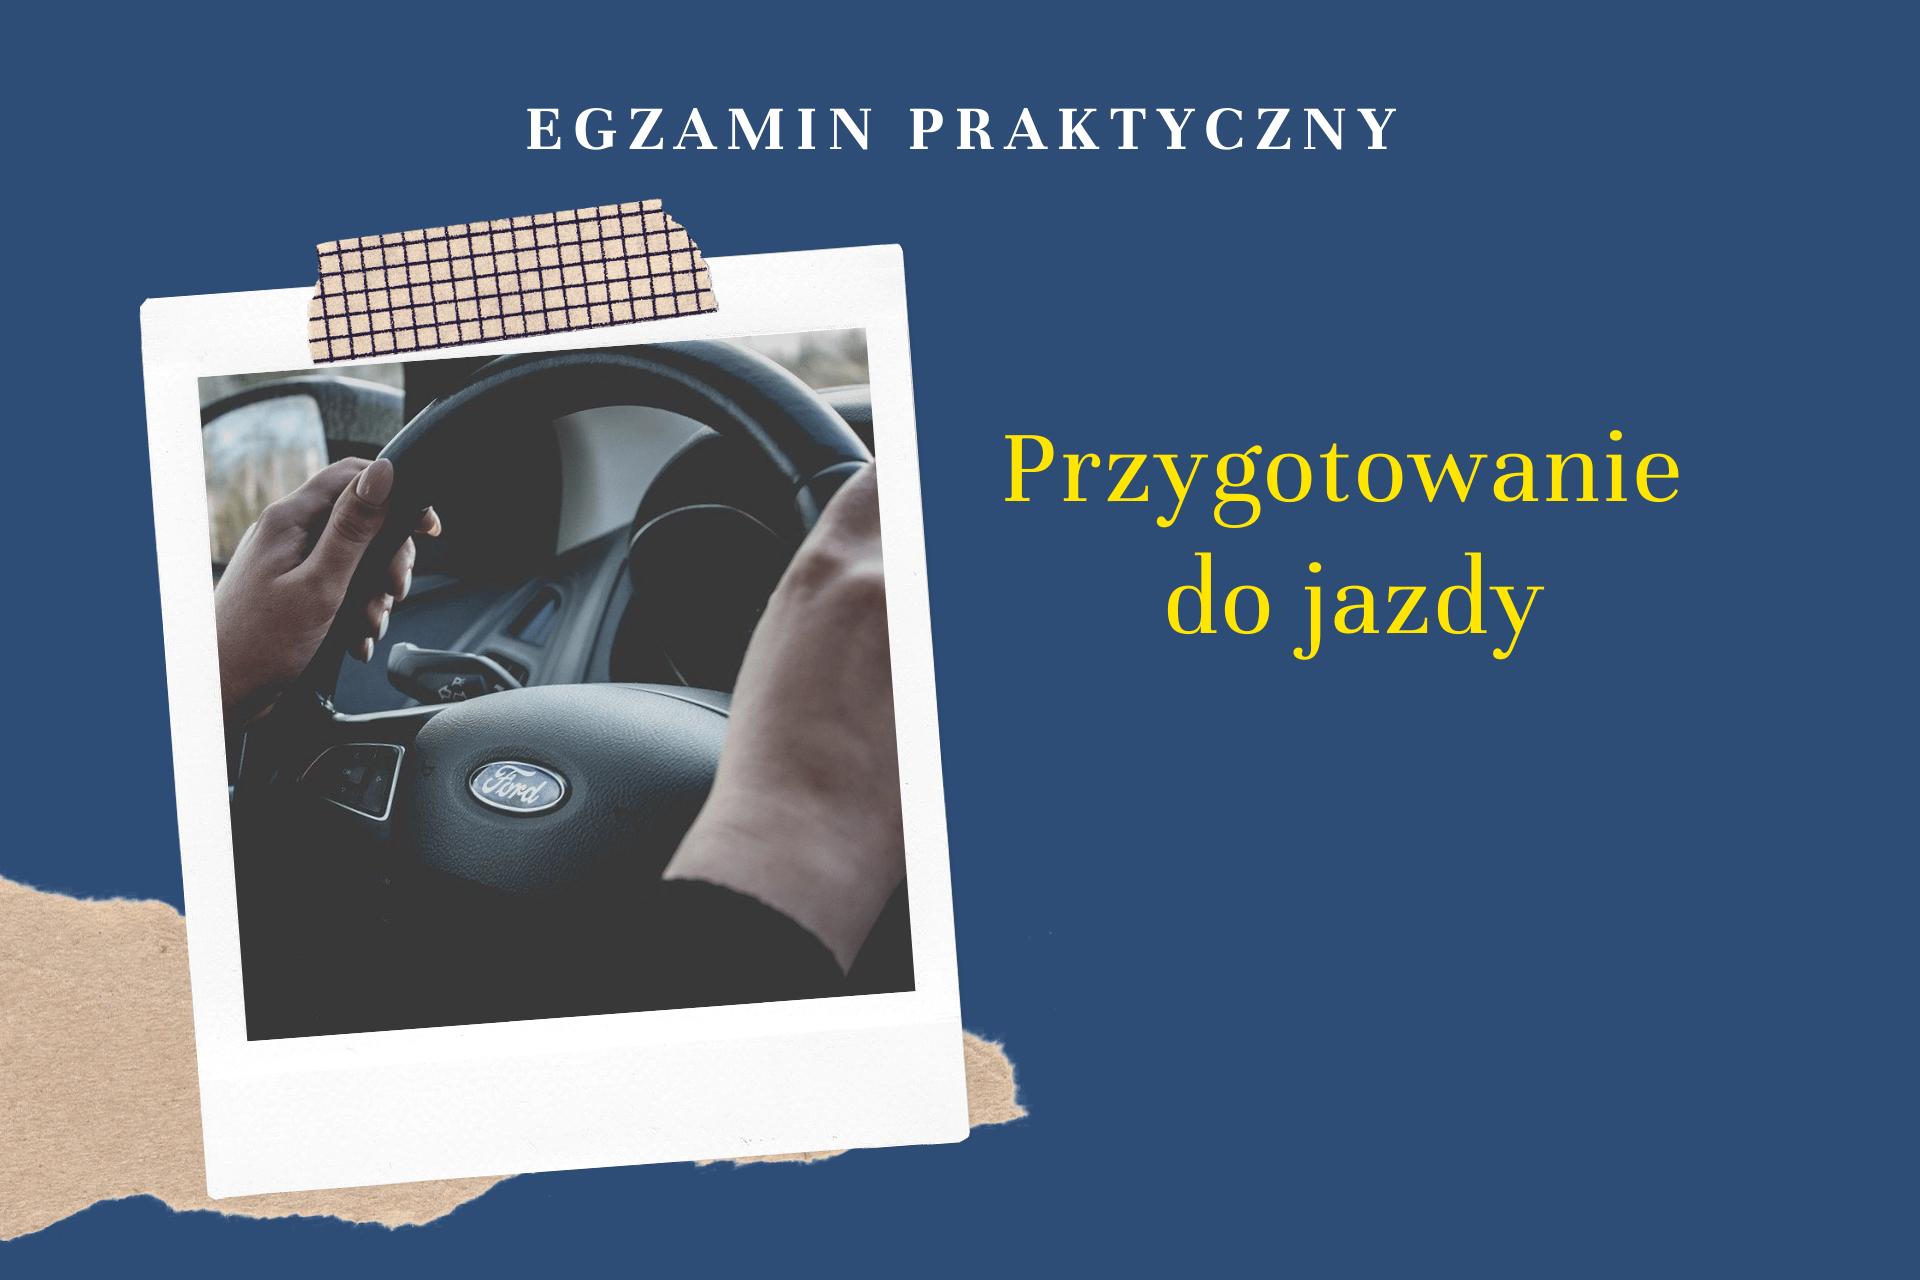 Przygotowanie do jazdy na placu – egzamin praktyczny